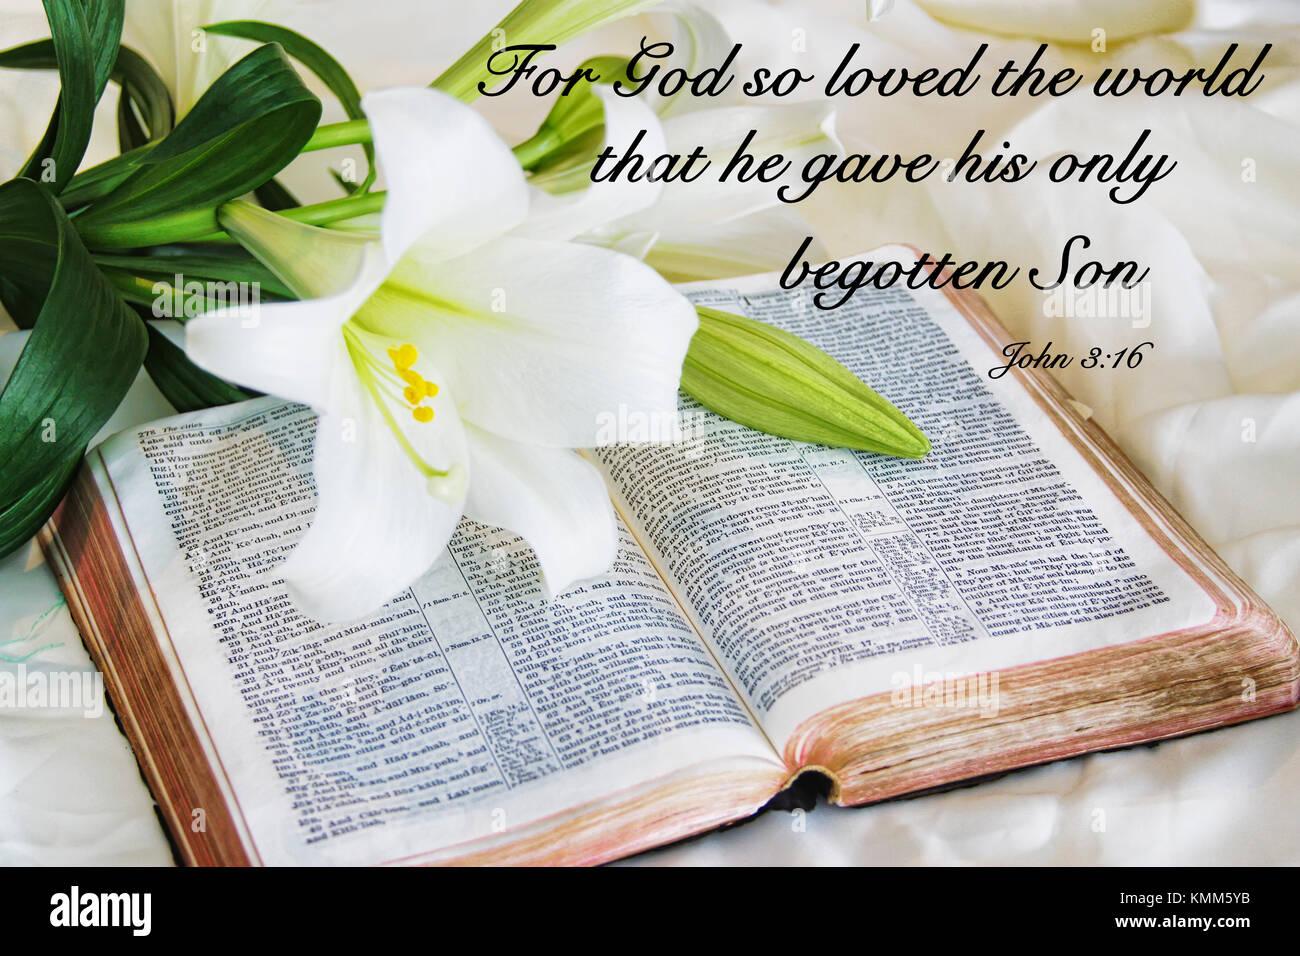 Populaire préféré Citation de motivation chrétienne disant Car Dieu a tant aimé le &UZ_45